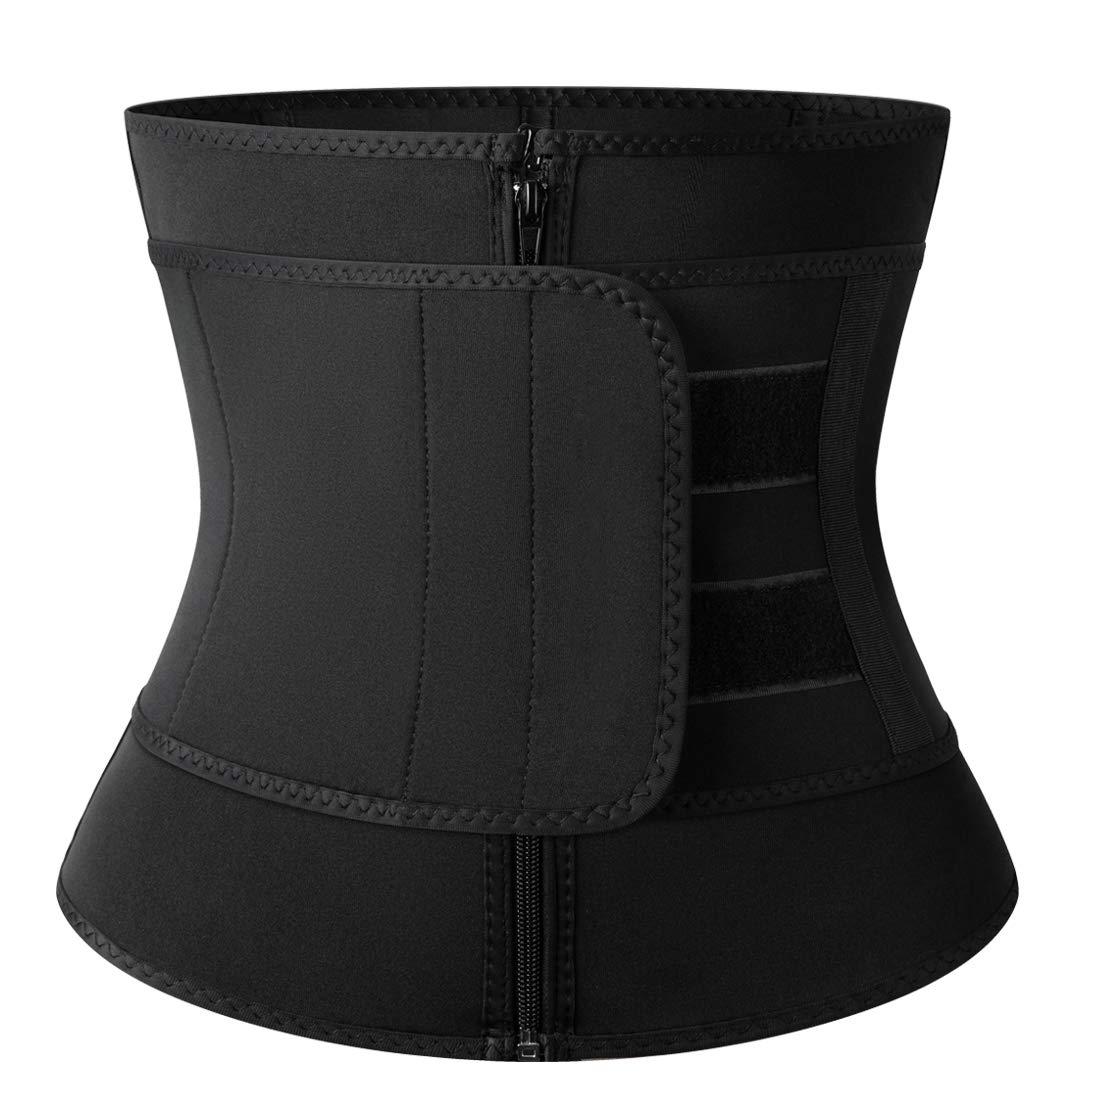 SHAPERIN Sweat Waist Trainer Corset, Women Underbust Waist Trimmer Belt for Weight Loss Everyday Wear